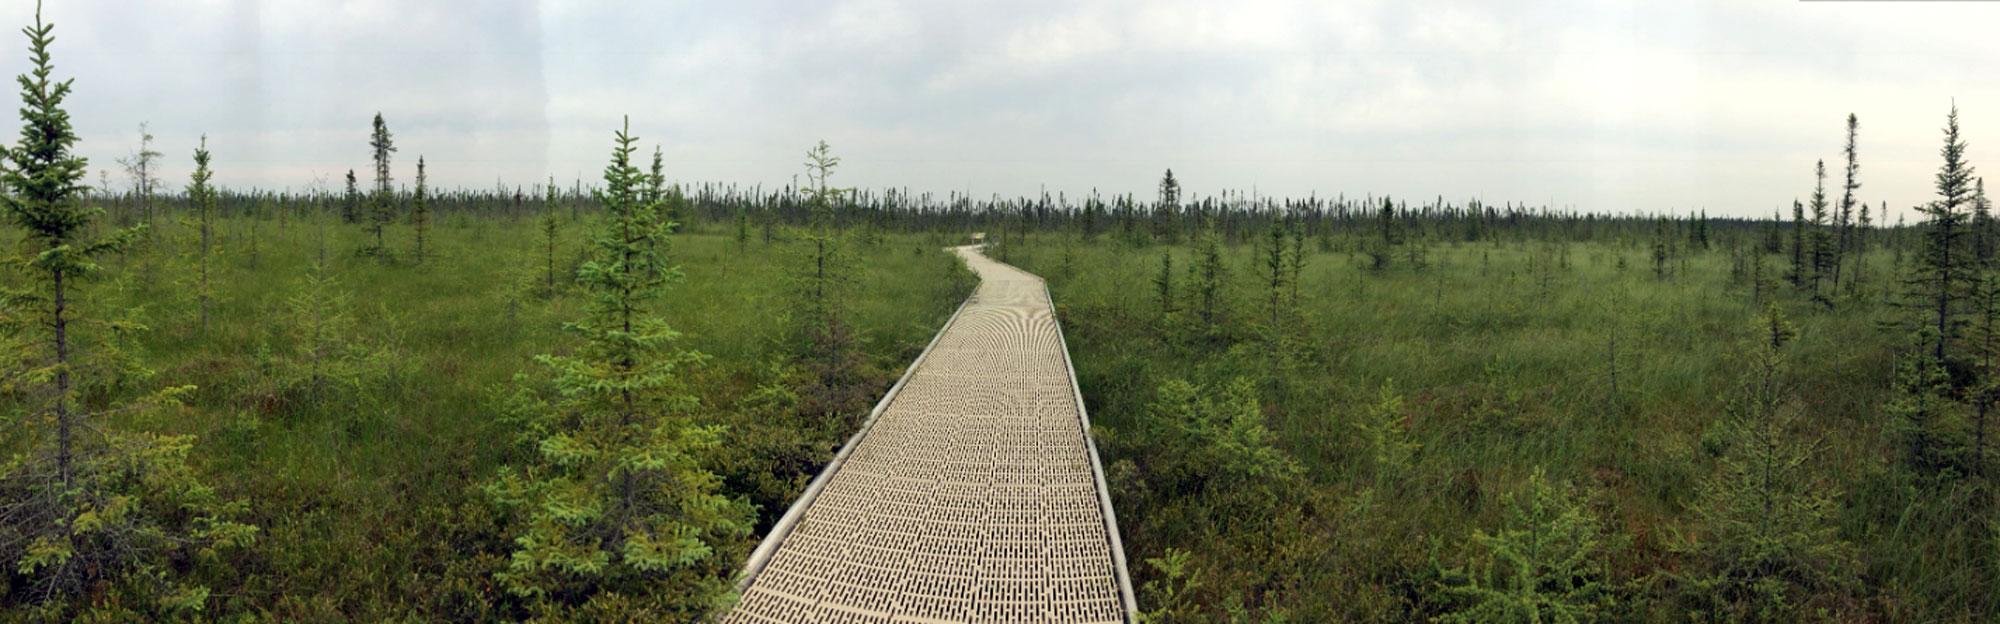 Big Bog boardwalk